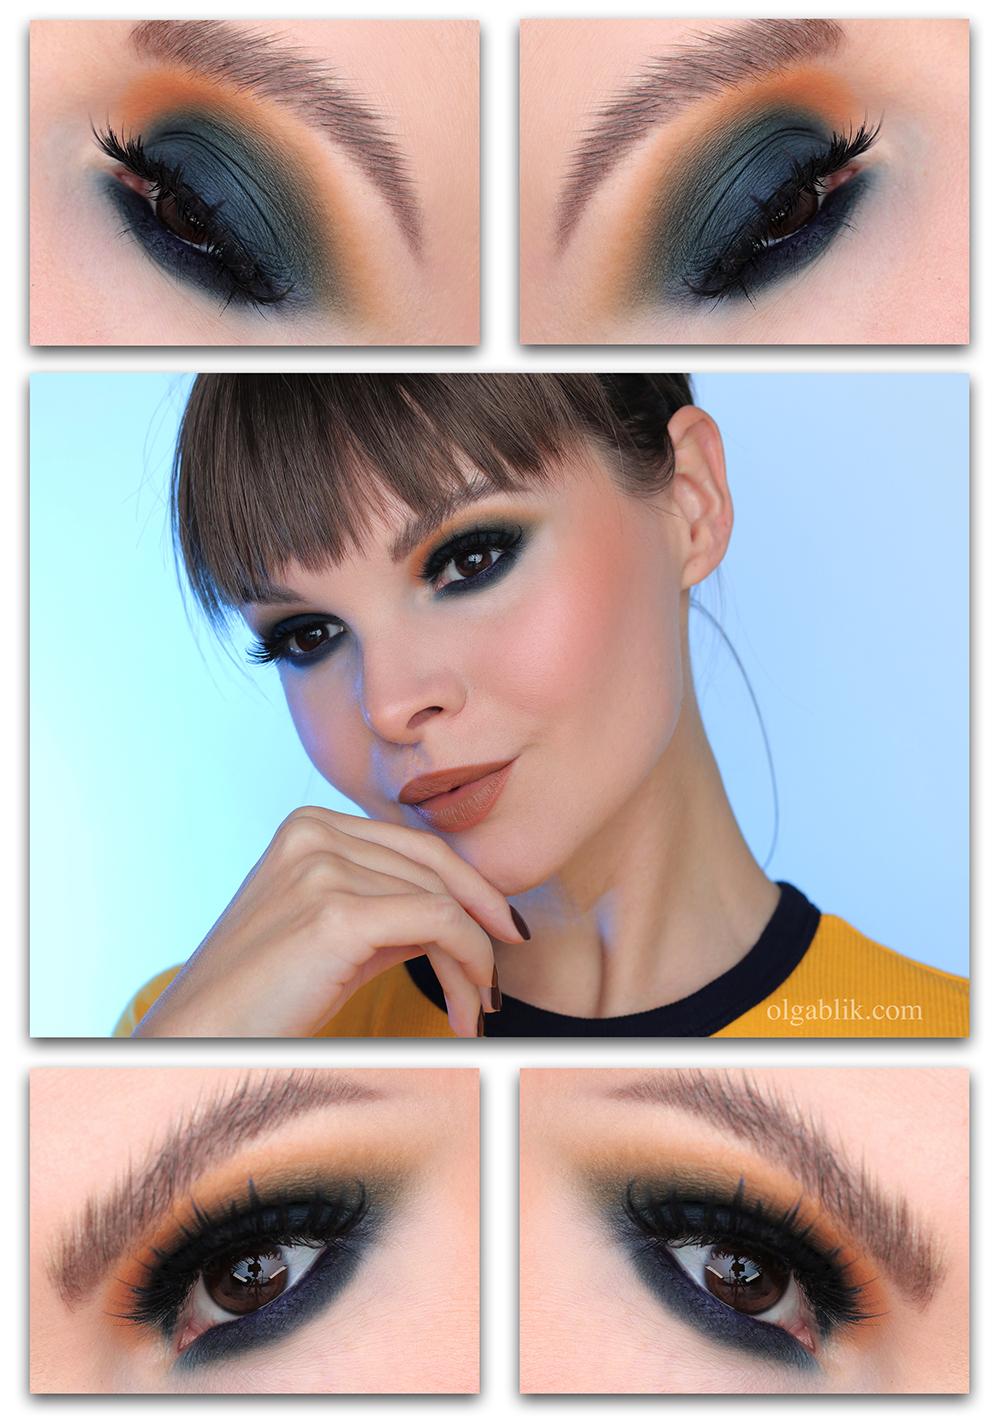 Матовые Смоки айс - макияж пошагово фото-урок